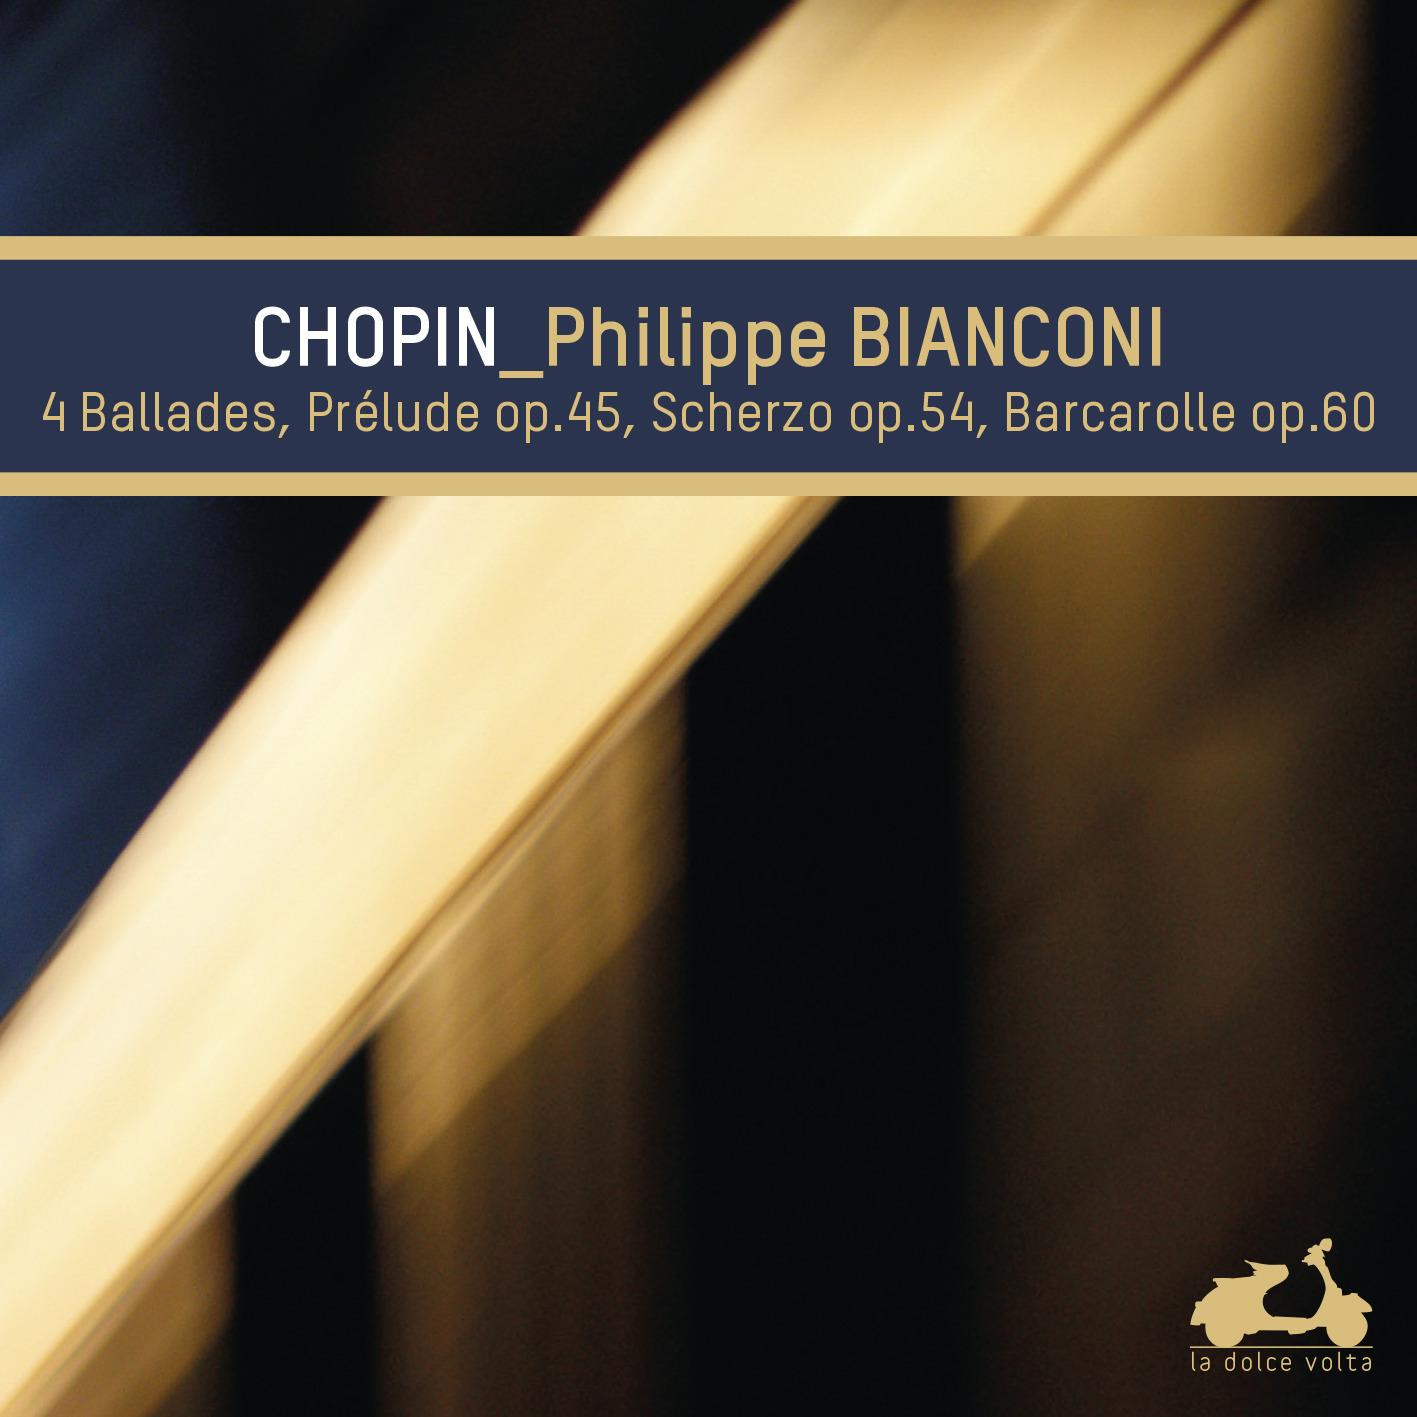 chopin_bianconi_ladolcevolta_cover